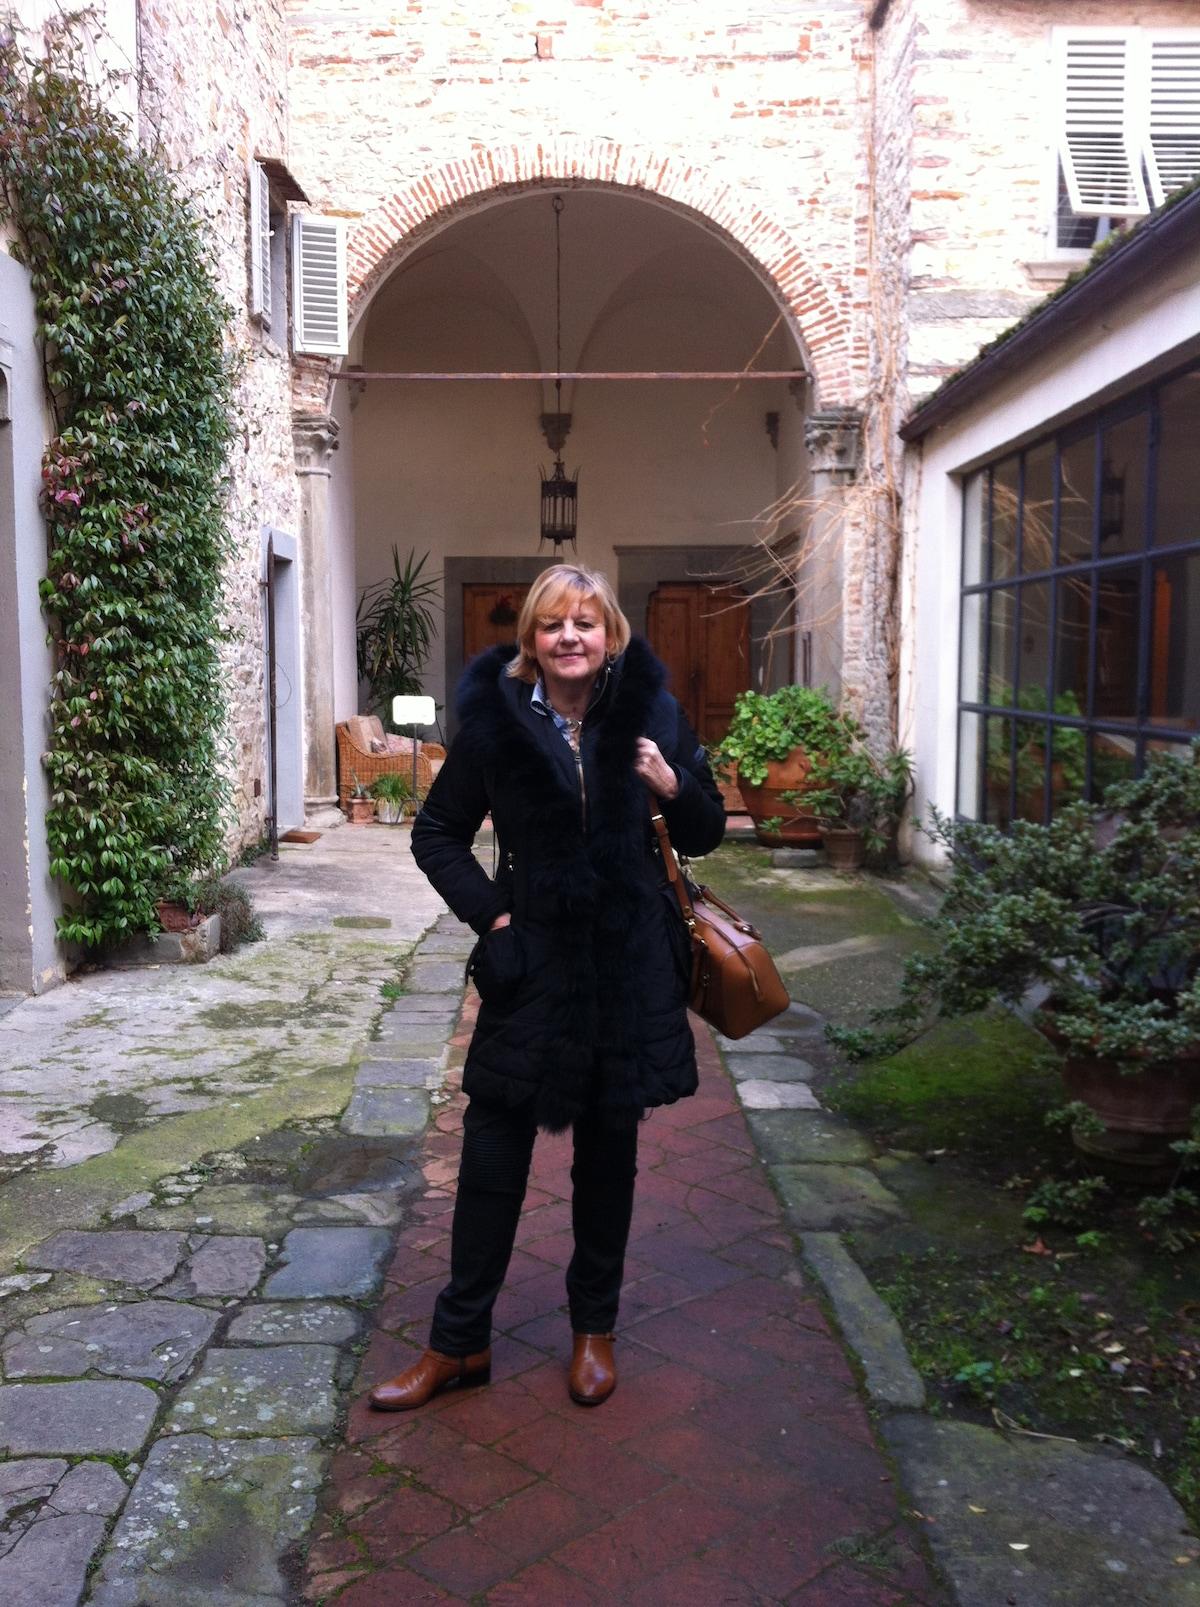 Dany from Avignon